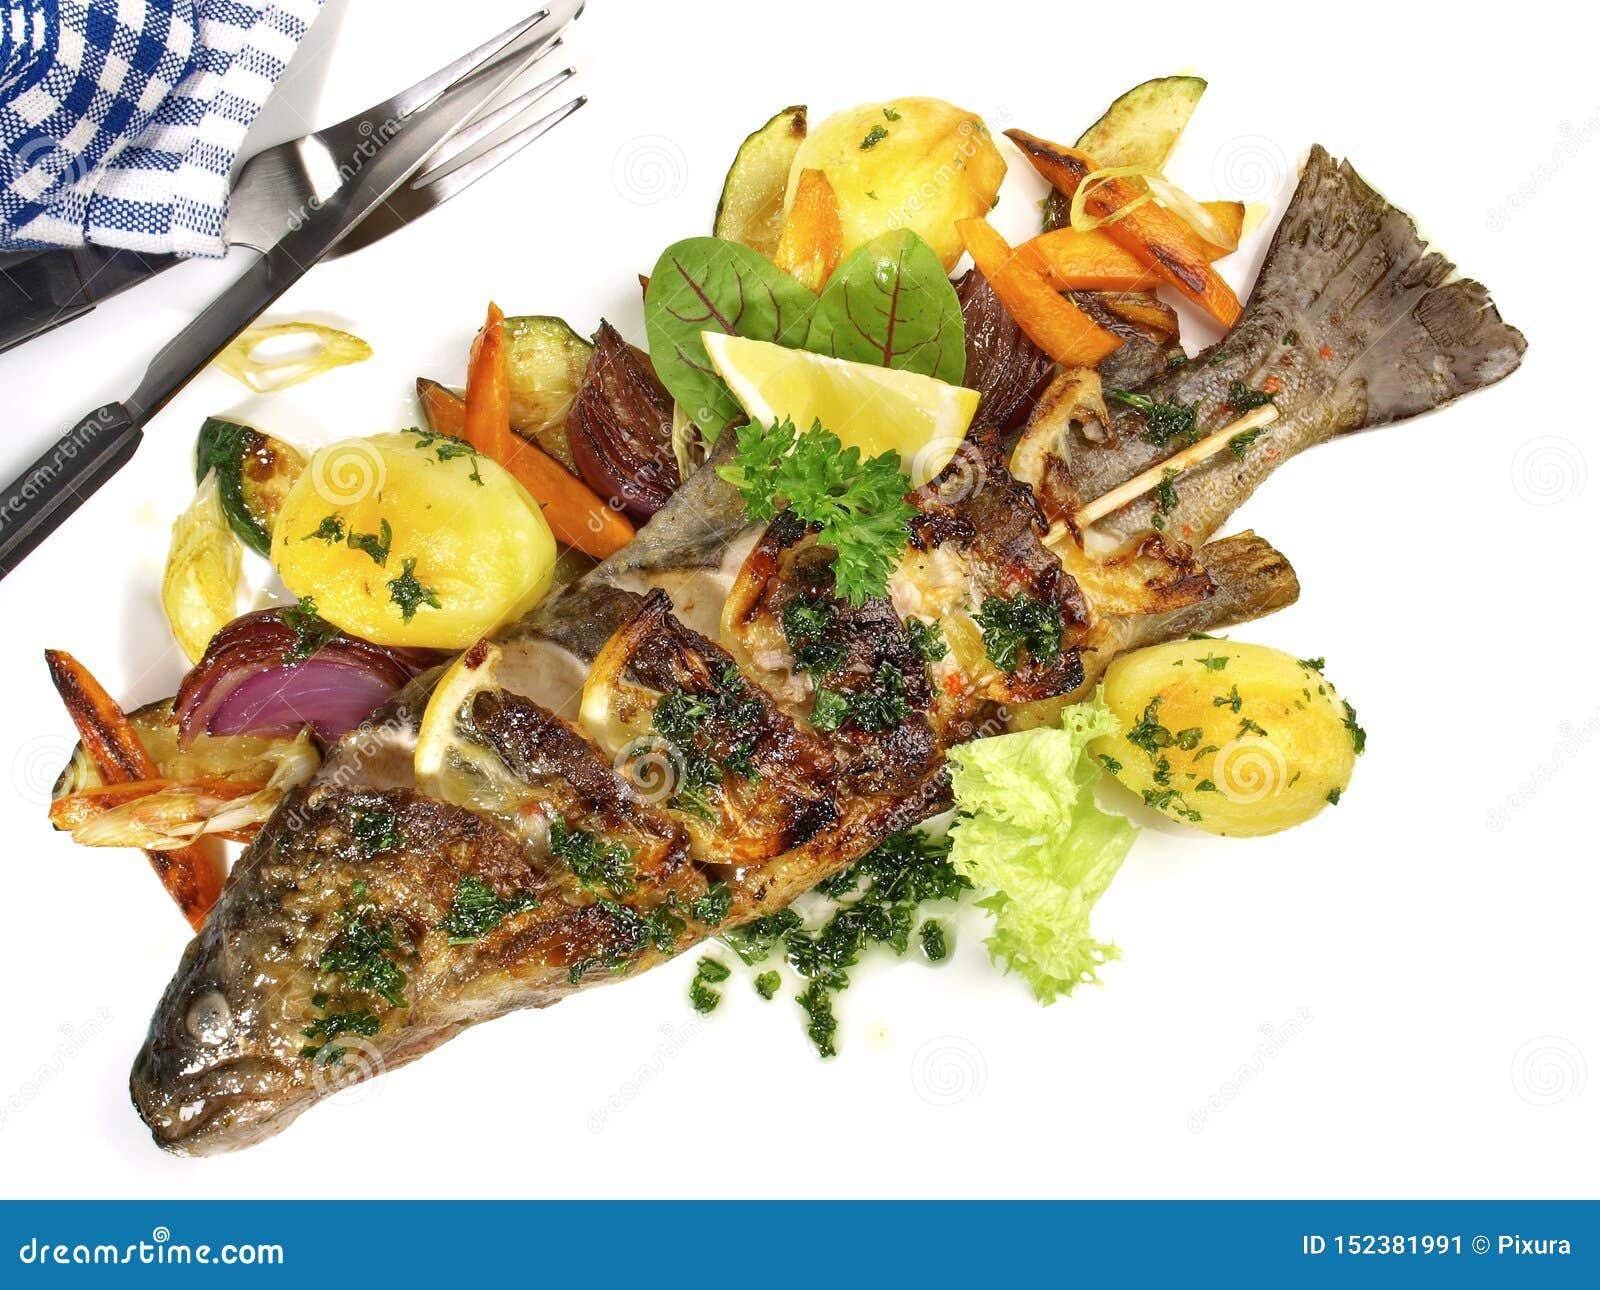 Gegrillte Fische - Regenbogenforelle mit Gemüse und Kartoffeln